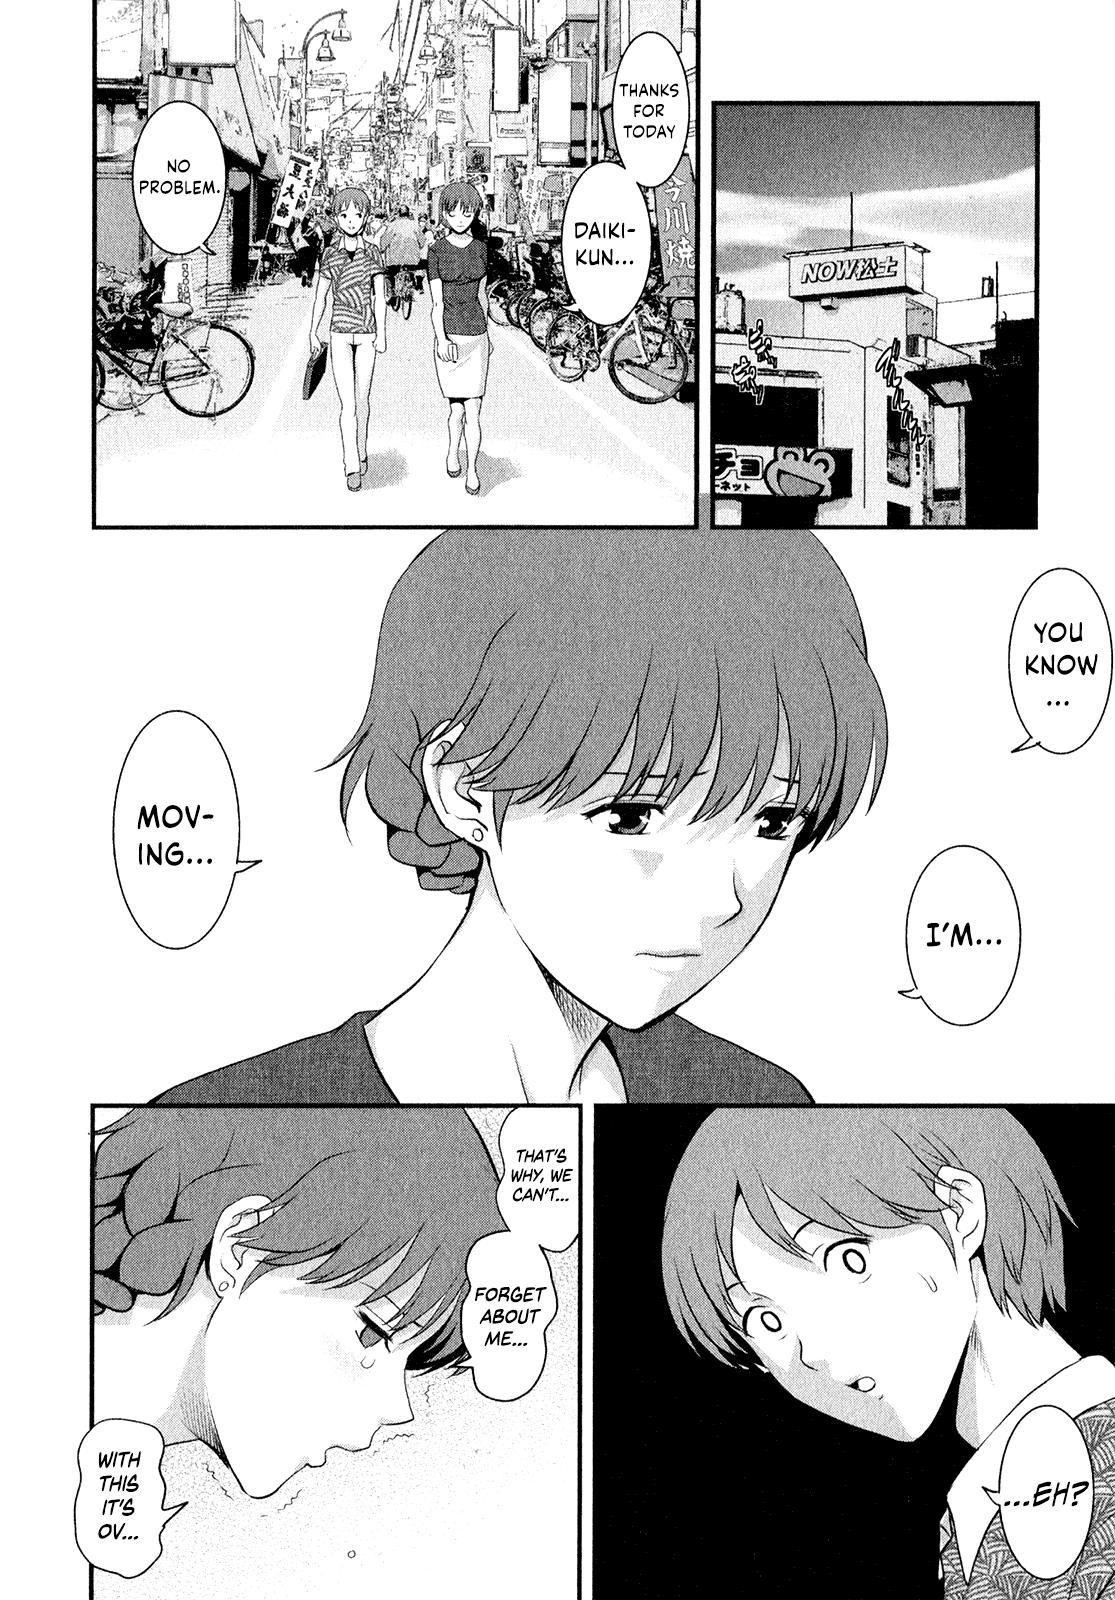 [Saigado] Hitozuma Audrey-san no Himitsu ~30-sai kara no Furyou Tsuma Kouza~ - Vol. 2 [English] {Hennojin} 168